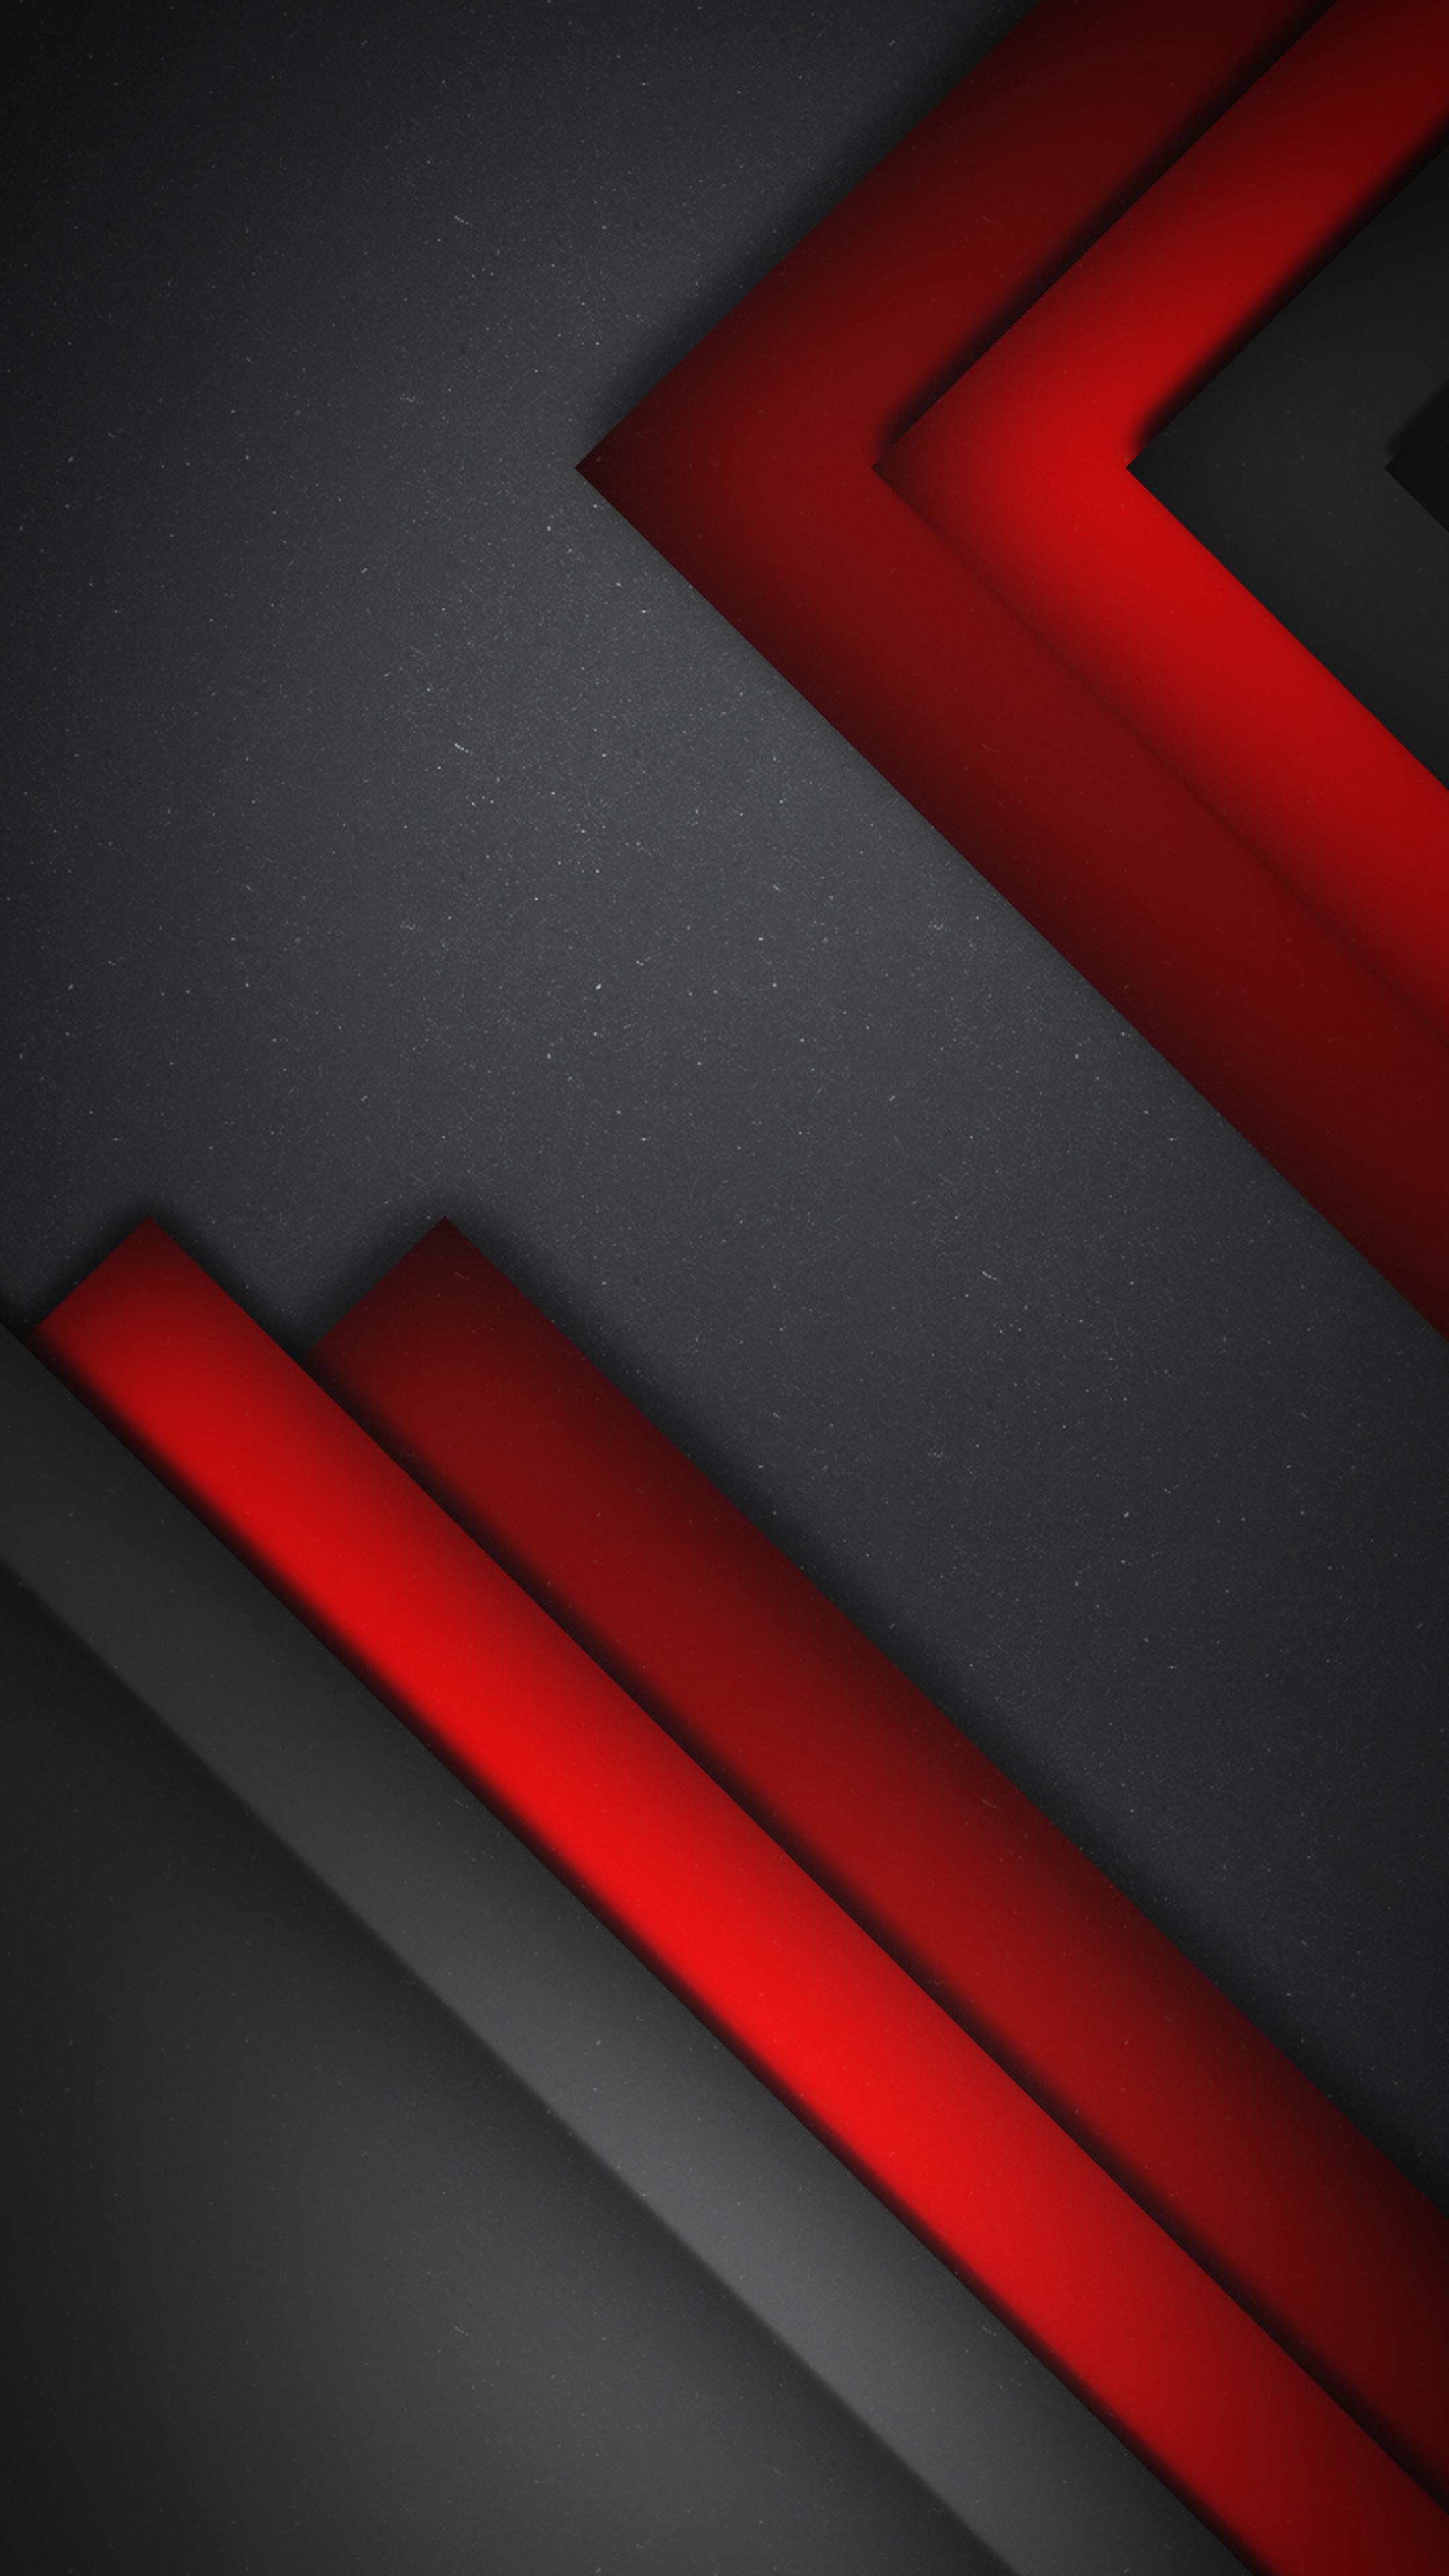 red-stripped-arrow-4k-8w.jpg